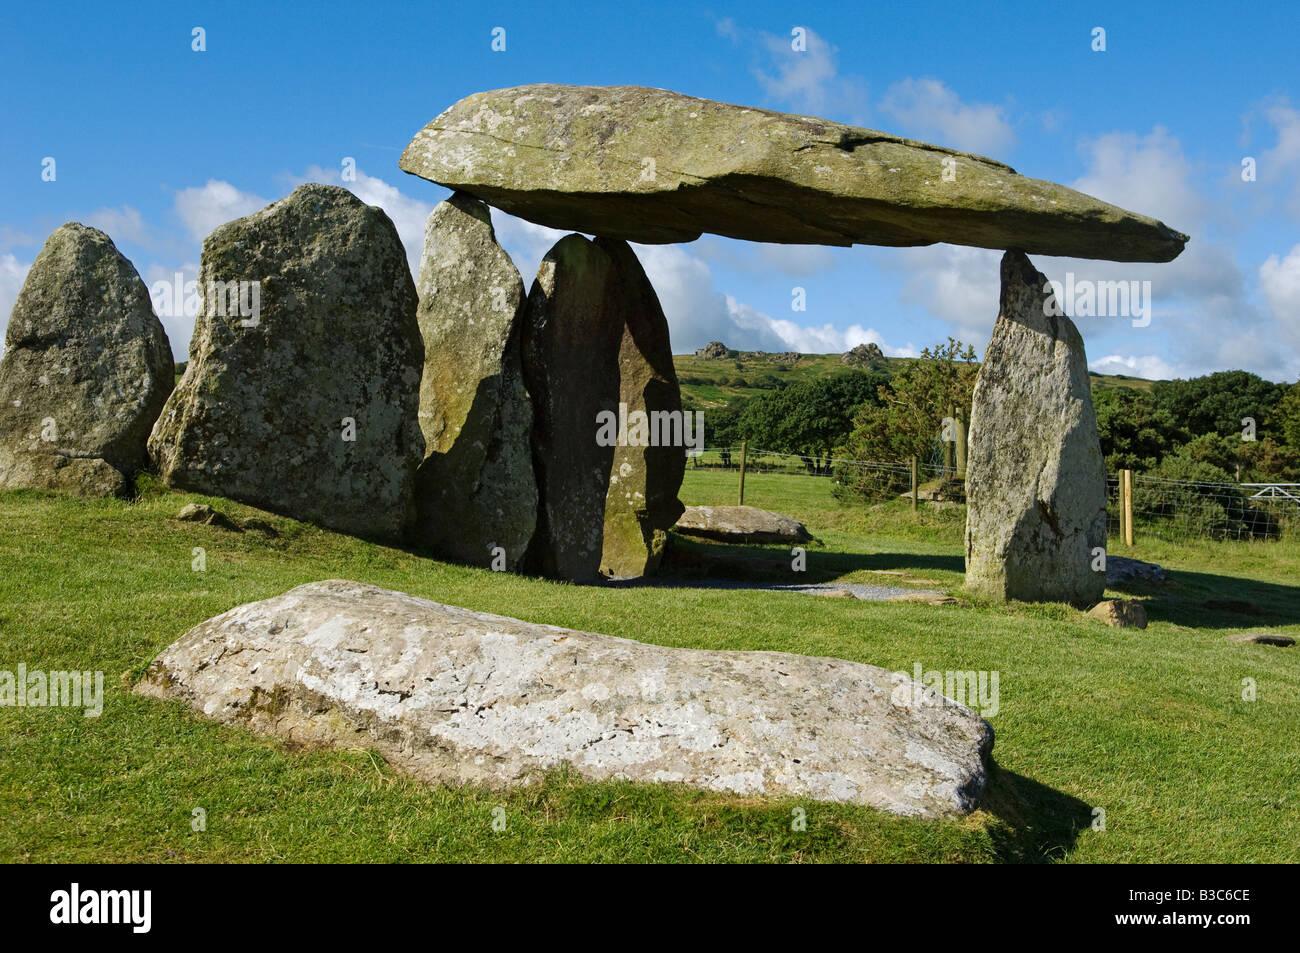 Regno Unito, Galles Pembrokeshire. Il sito del Neolitico antico dolmen di  Pentre Ifan, Galles più famose civiltà megalitica Foto stock - Alamy